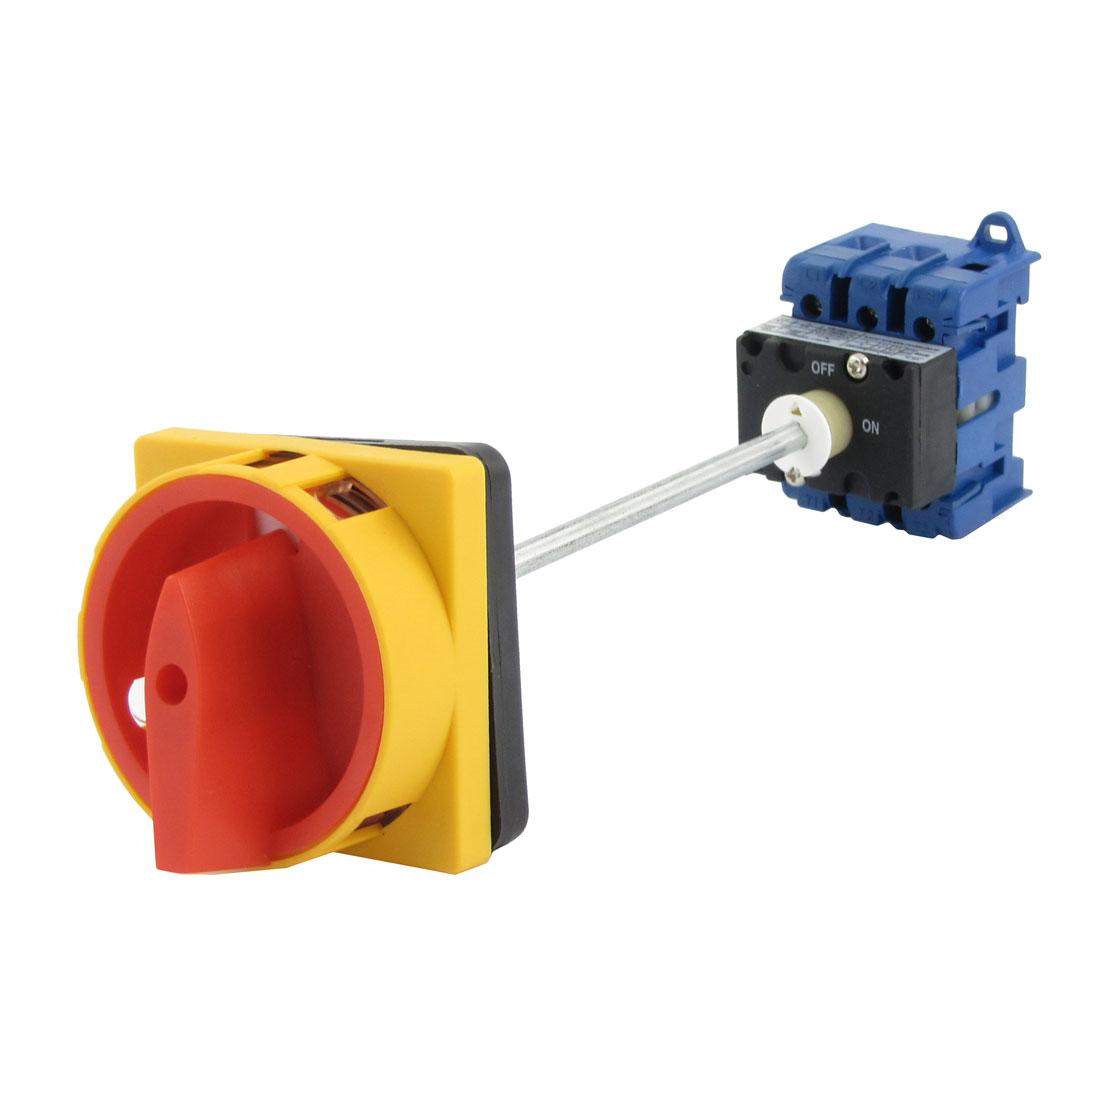 AC380V 690V AC 240V 440V ON/OFF Rotary Cam Universal Changeover Switch